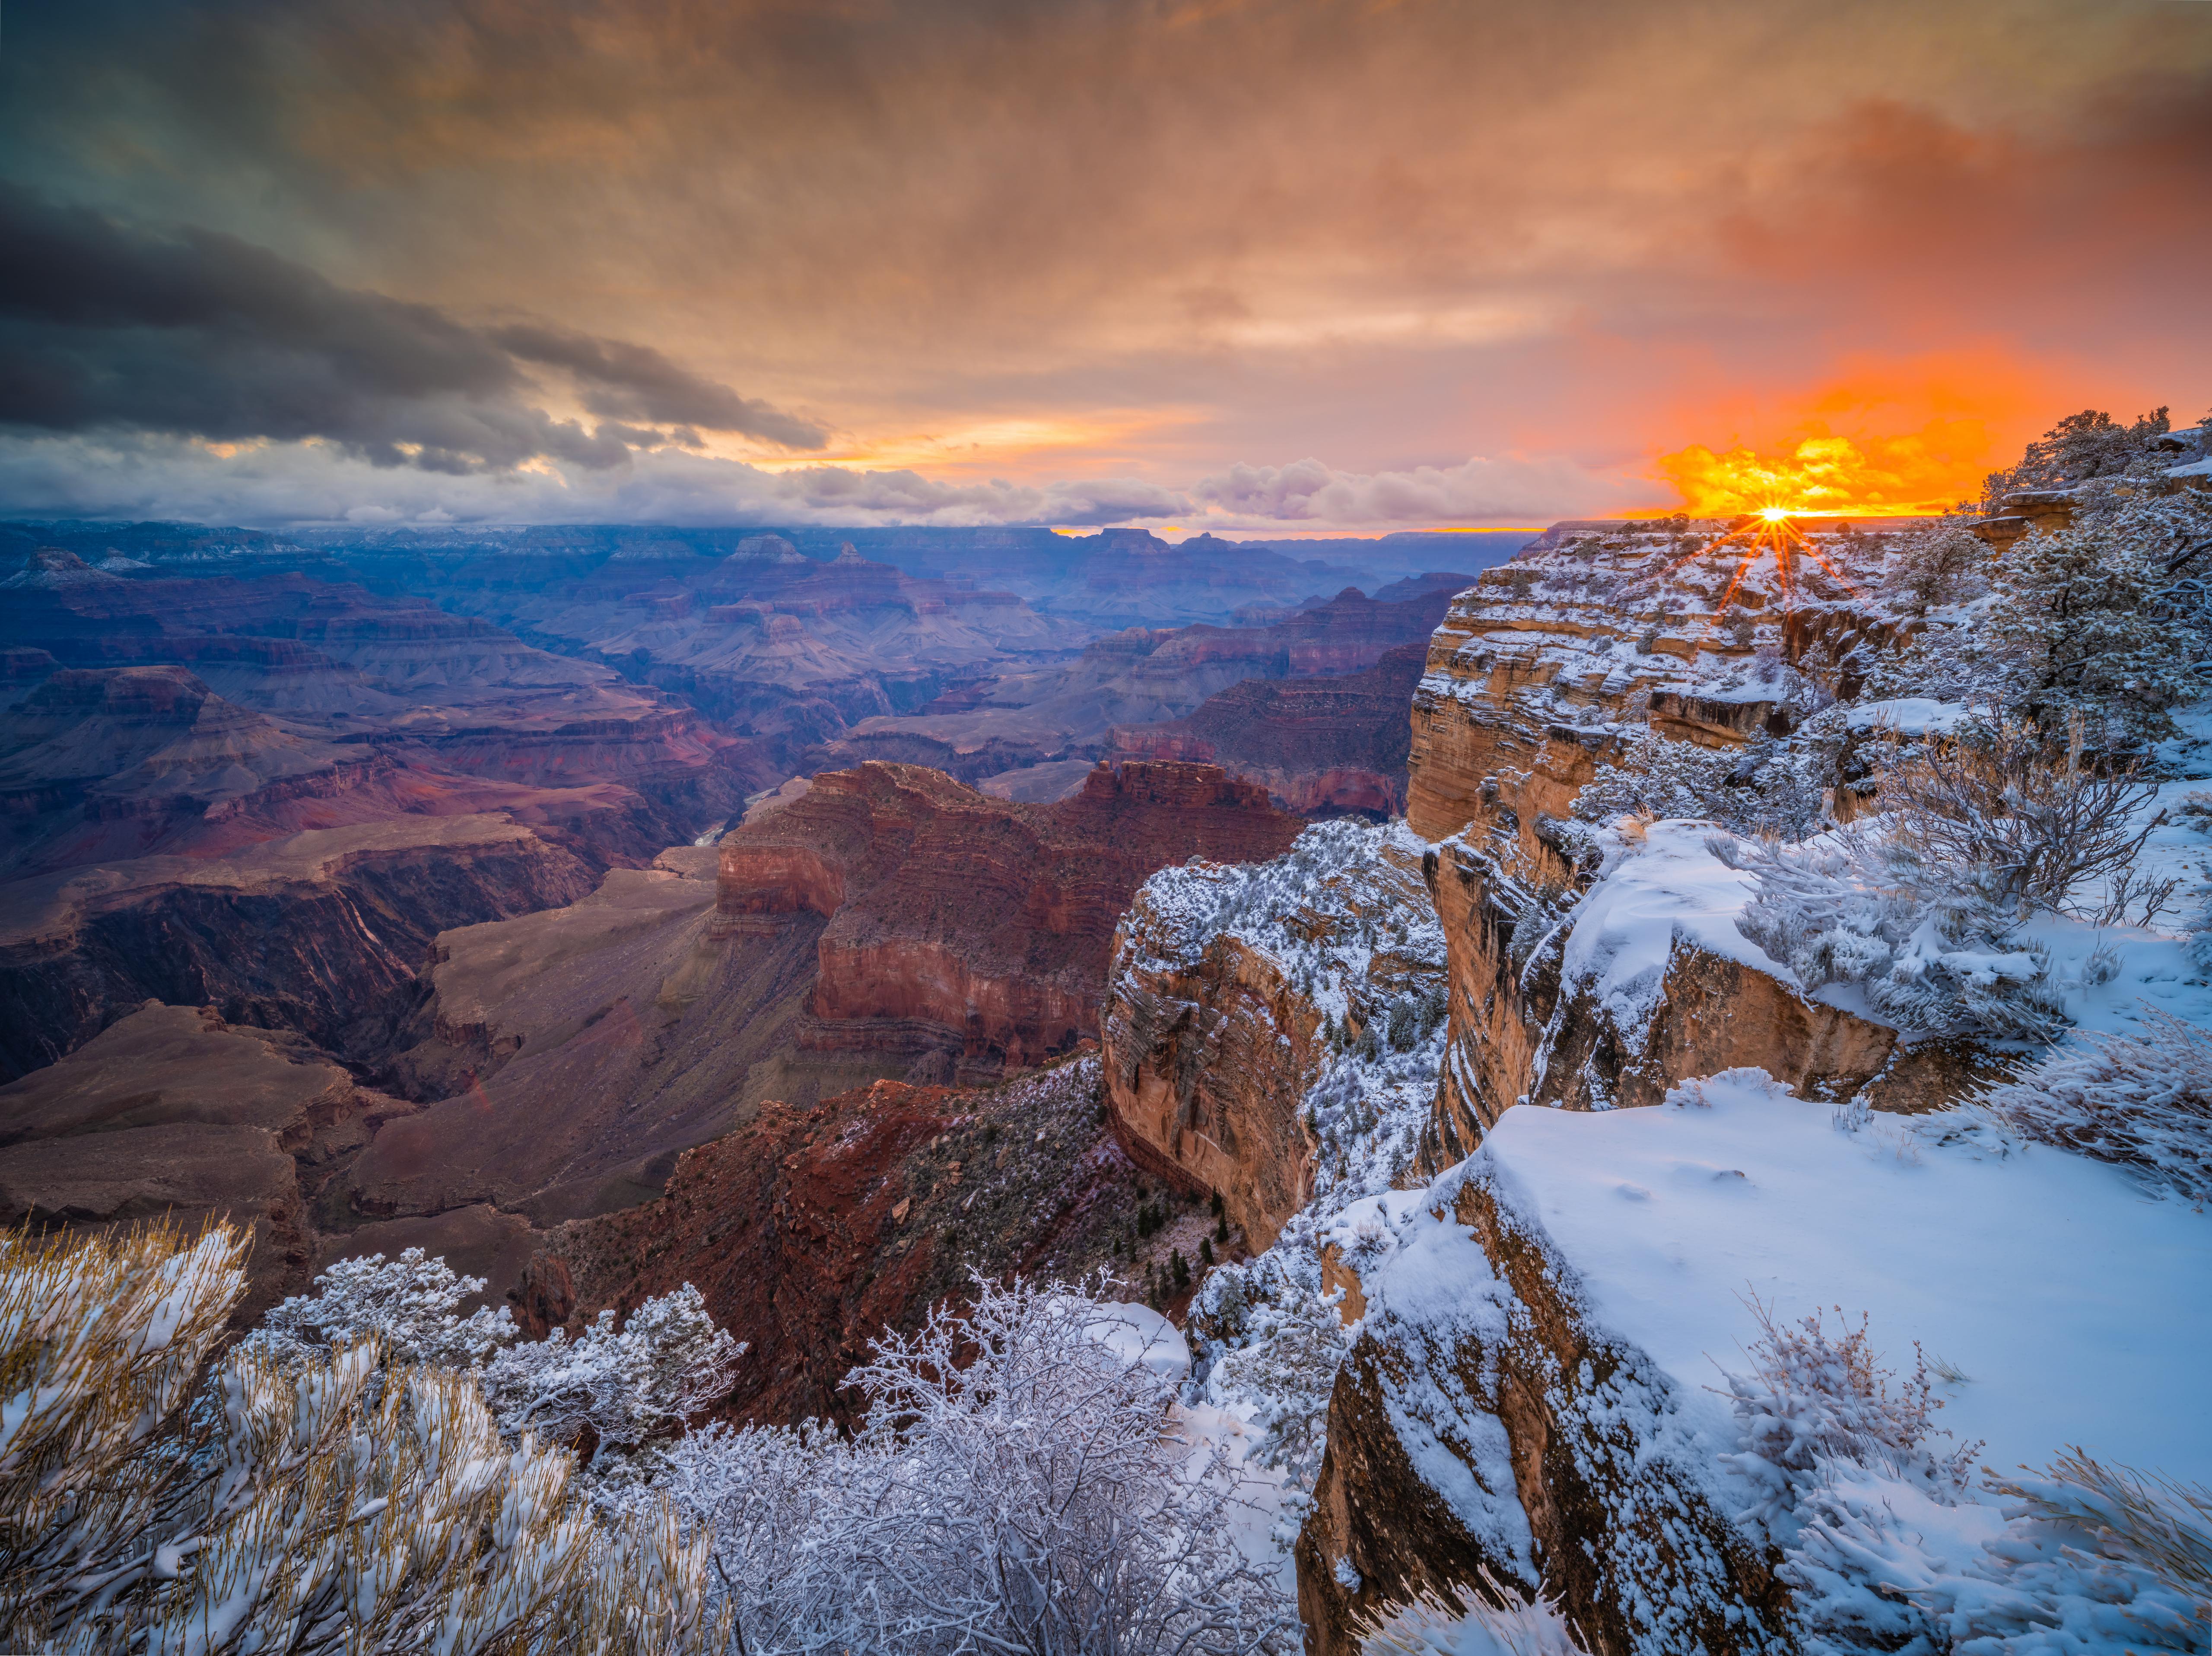 Обои для рабочего стола Гранд-Каньон парк штаты Arizona Утес каньона Природа Парки Рассветы и закаты 5120x3834 США америка Скала скале скалы Каньон каньоны парк рассвет и закат